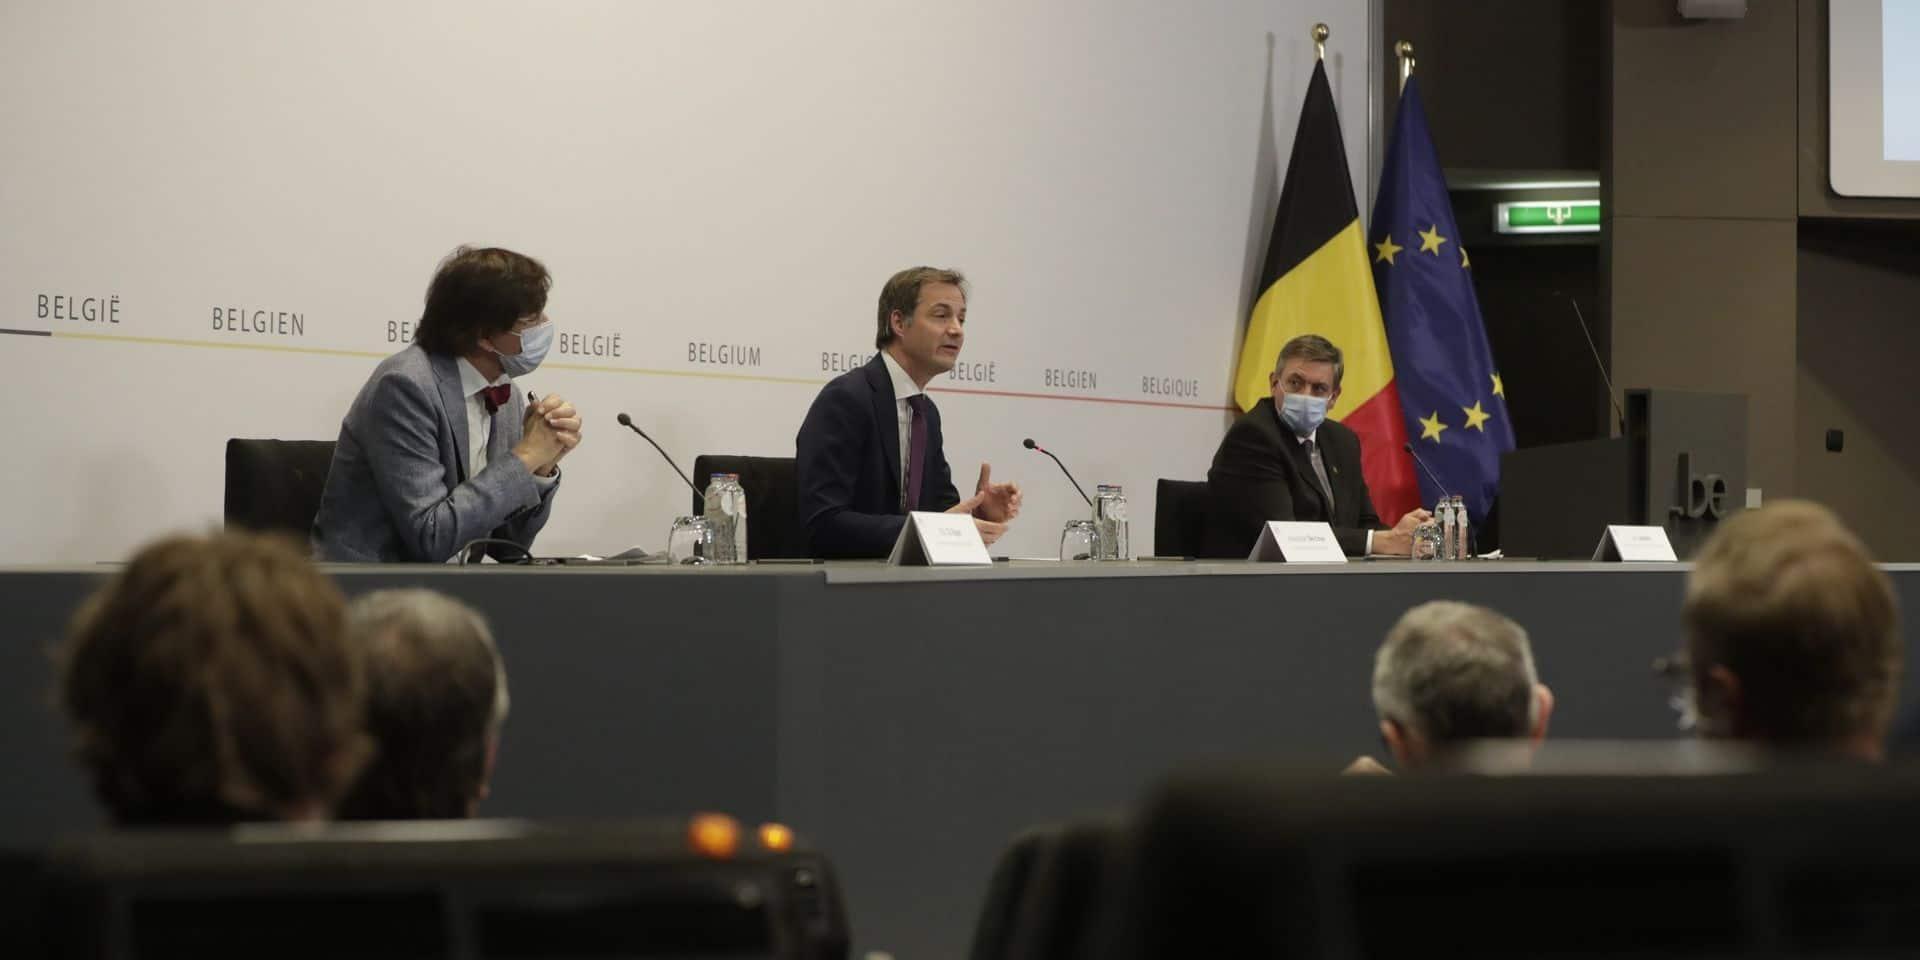 Un nouveau Comité de concertation se tiendra la semaine prochaine: voici à quoi il faut s'attendre, notamment pour l'Horeca